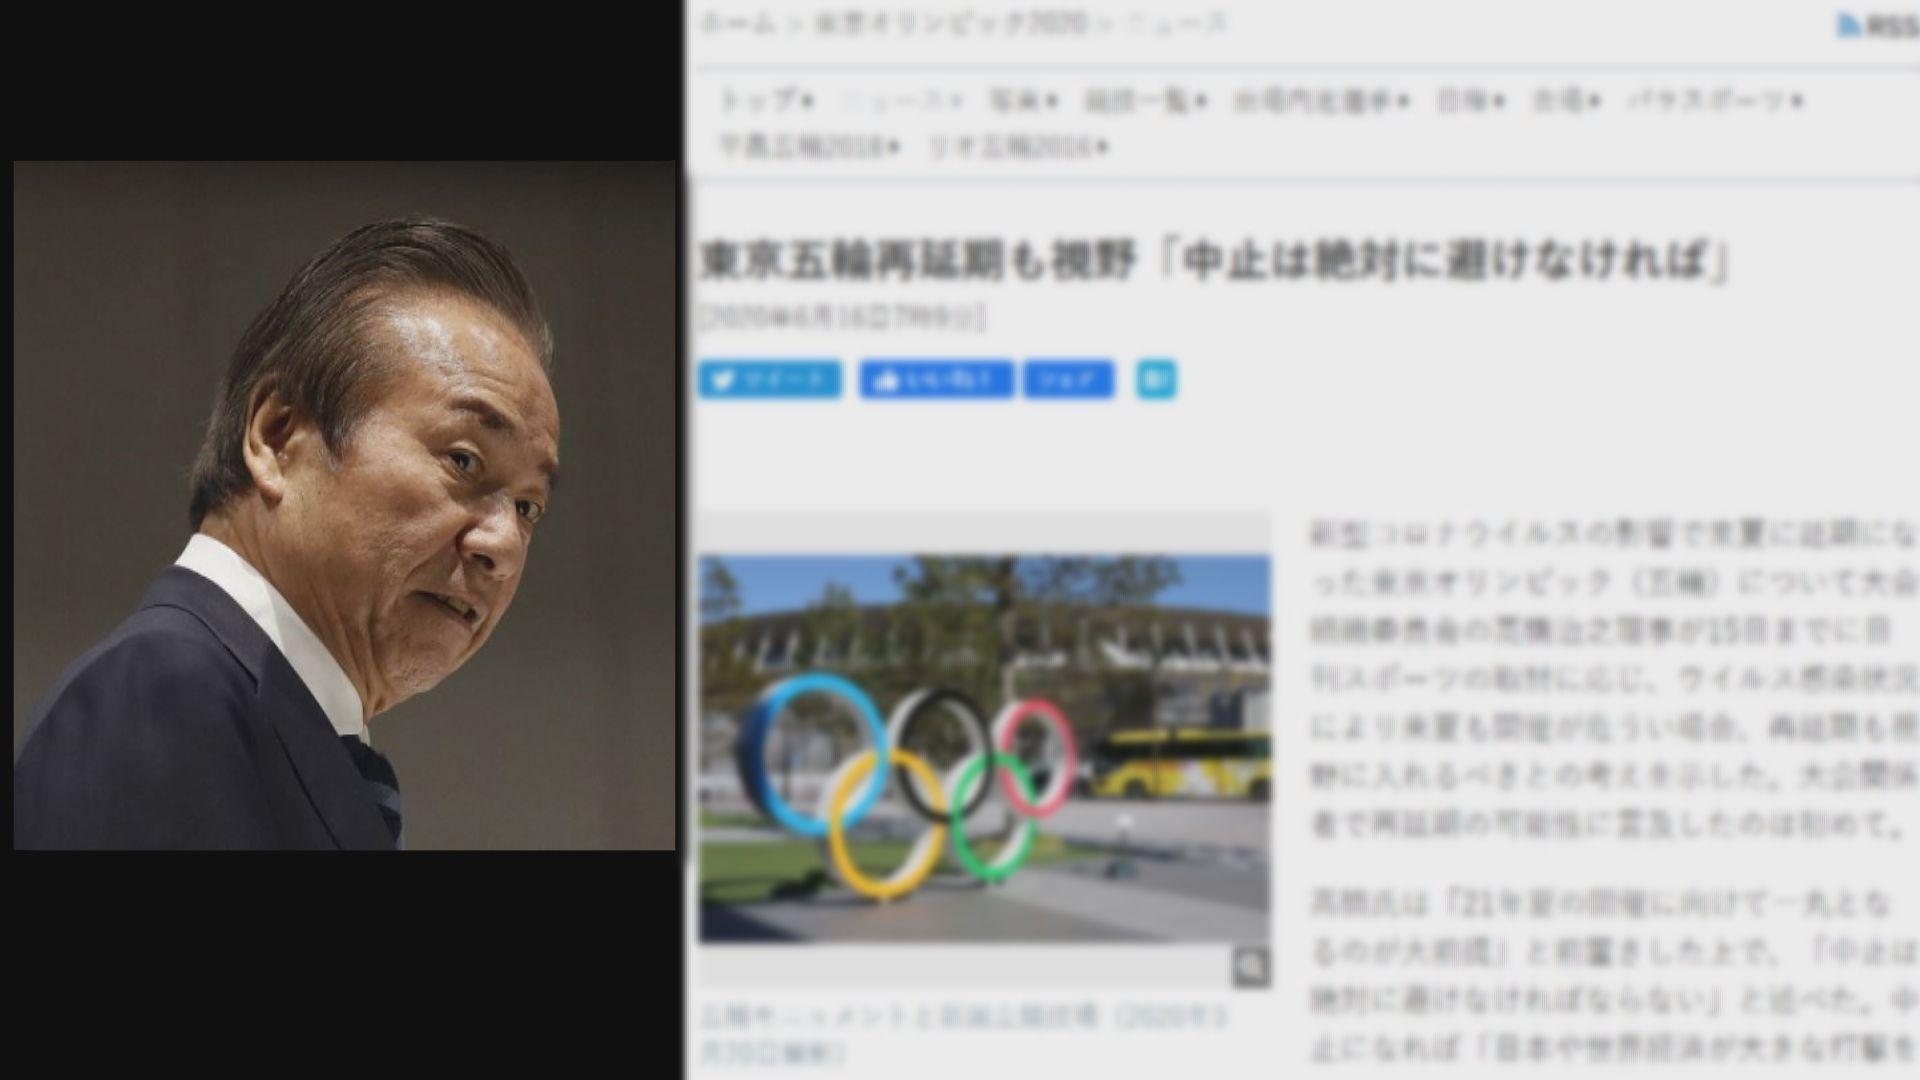 東京奧組委執委:若明年無法舉辦東奧應爭取再延期